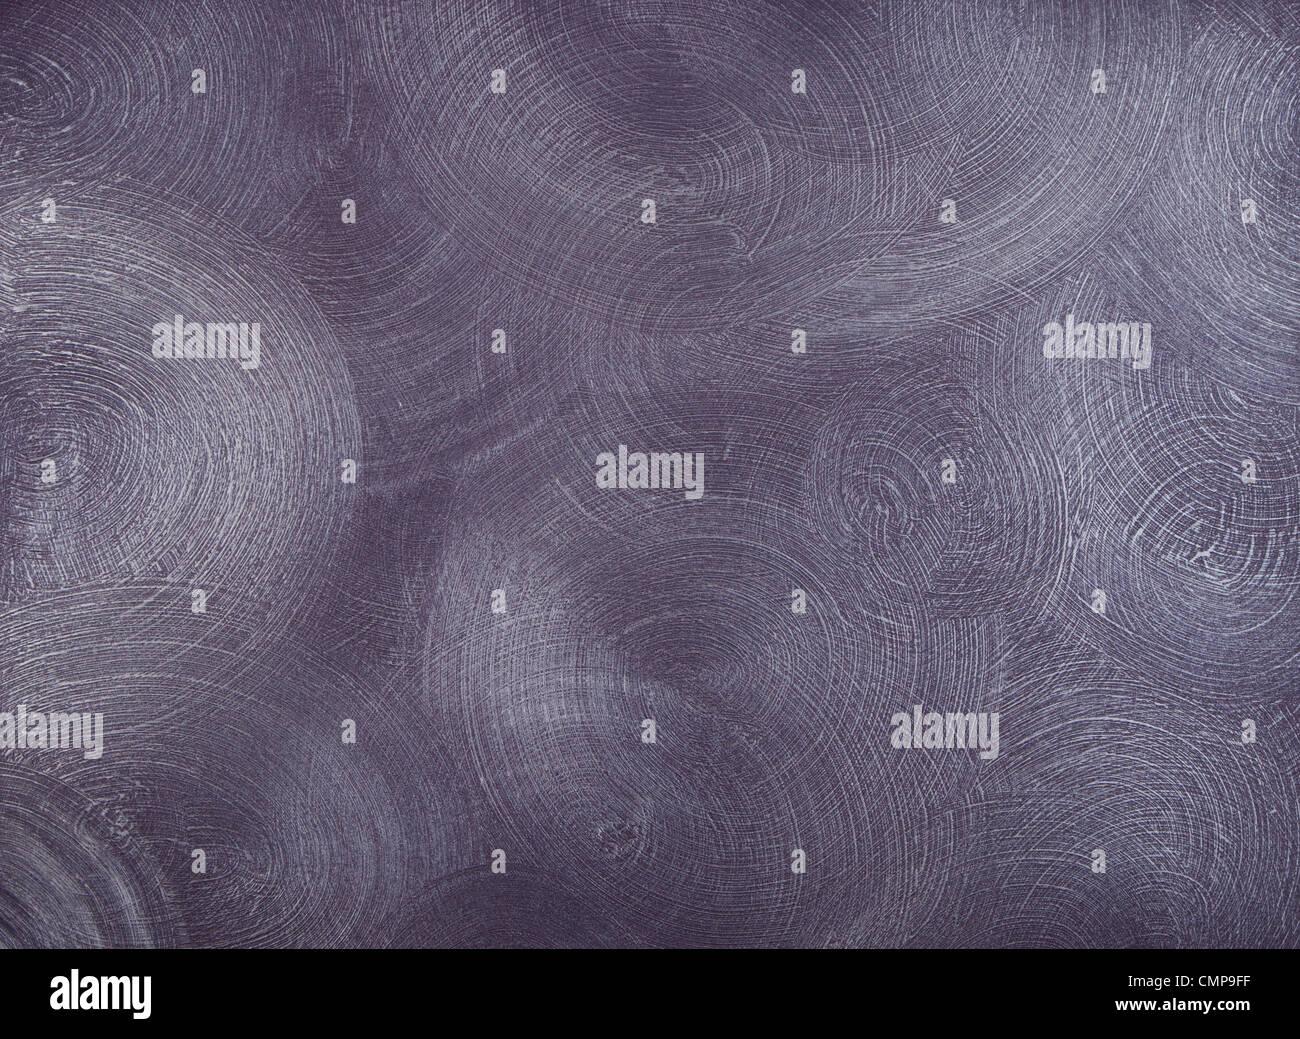 La consistenza dei muri coperti con vernice viola, con frequenti, rotondo, centric tratti. Immagini Stock